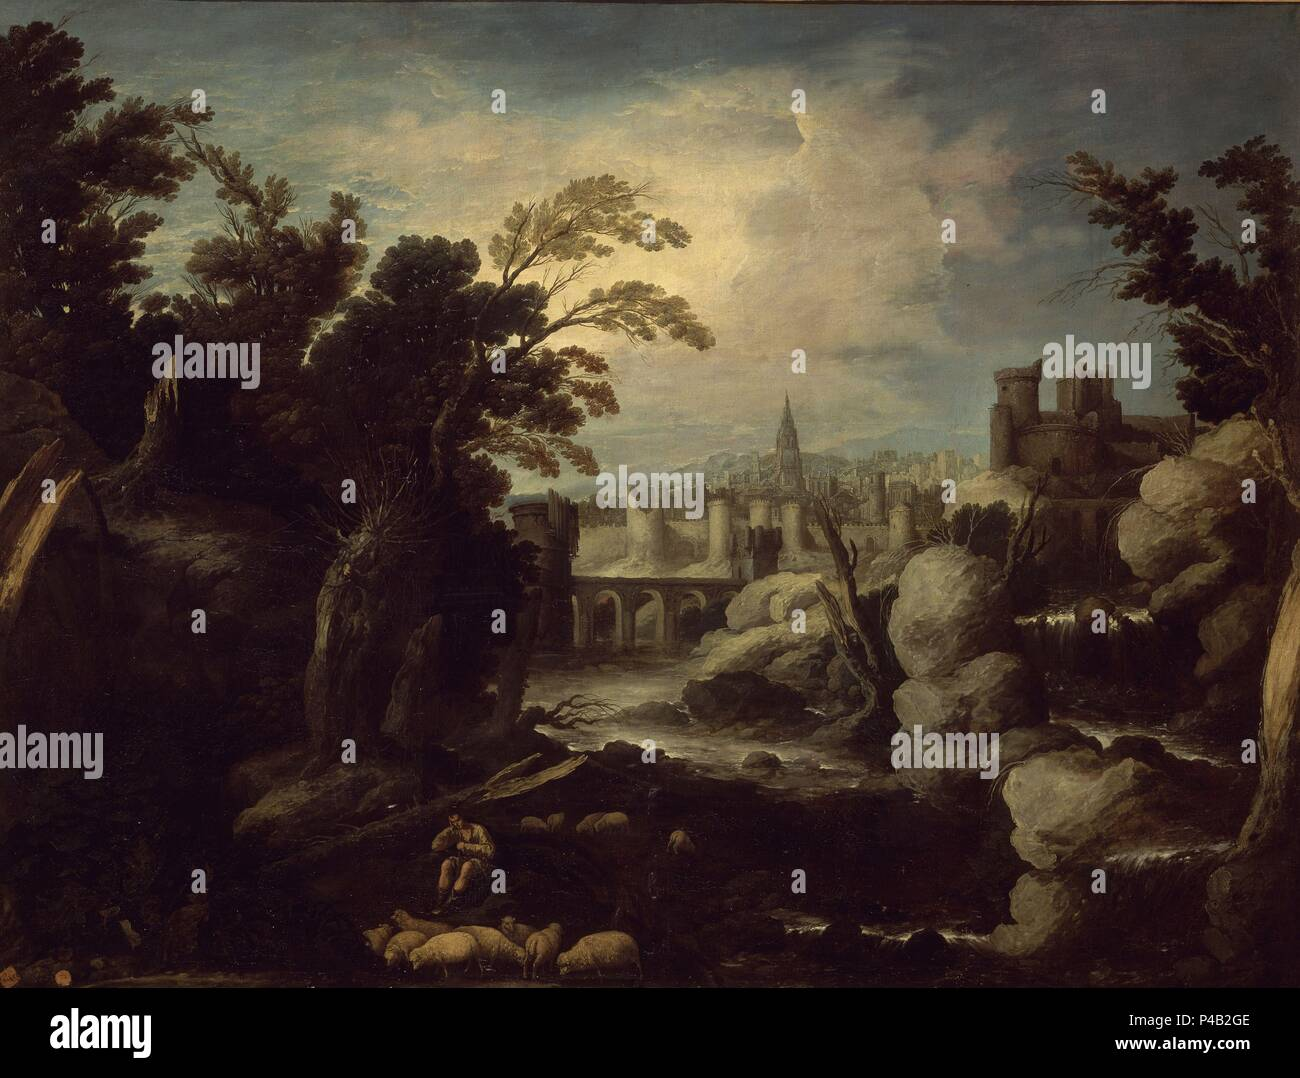 PAISAJE CON UNA CIUDAD - 1634 - O/L - 183x242, NºINV 619, PINTURA BARROCA. Author: Francisco Collantes (1599-1656). Location: ACADEMIA DE SAN FERNANDO-PINTURA, MADRID, SPAIN. - Stock Image